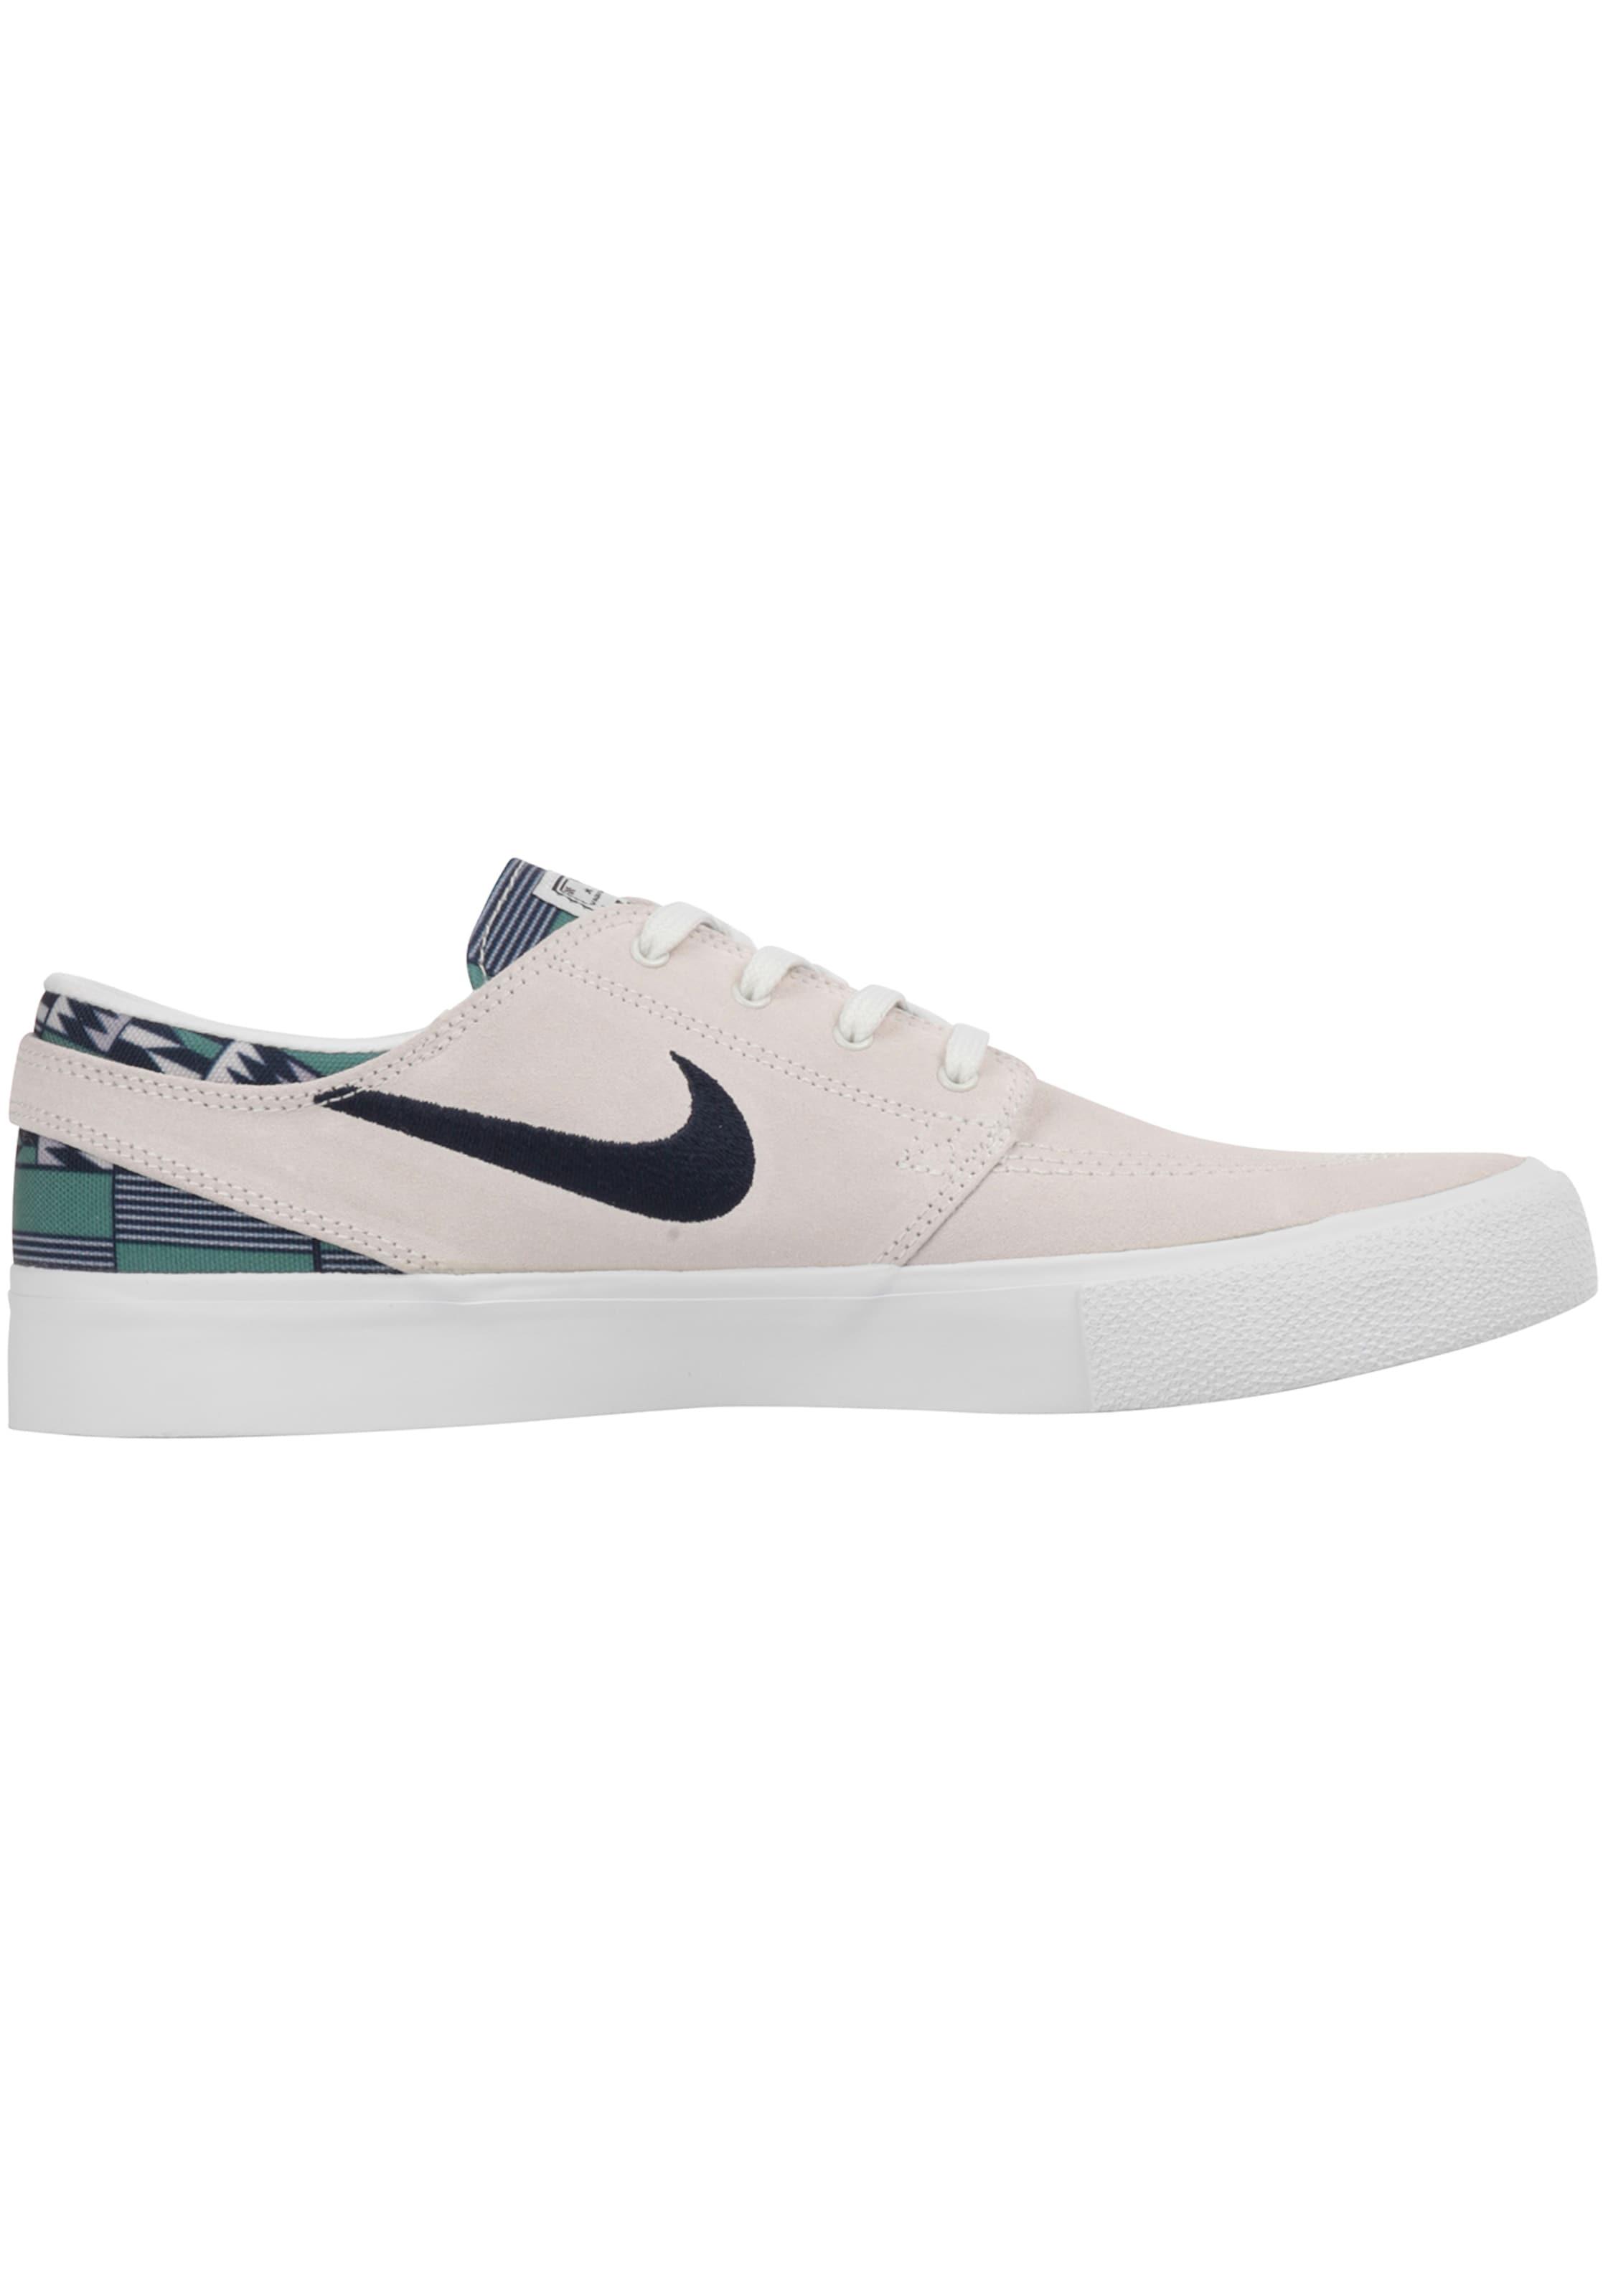 'zoom Rm Hellpink Janoski In Nike Prm' Sb Sneaker NavyGrün 5Rj3LA4